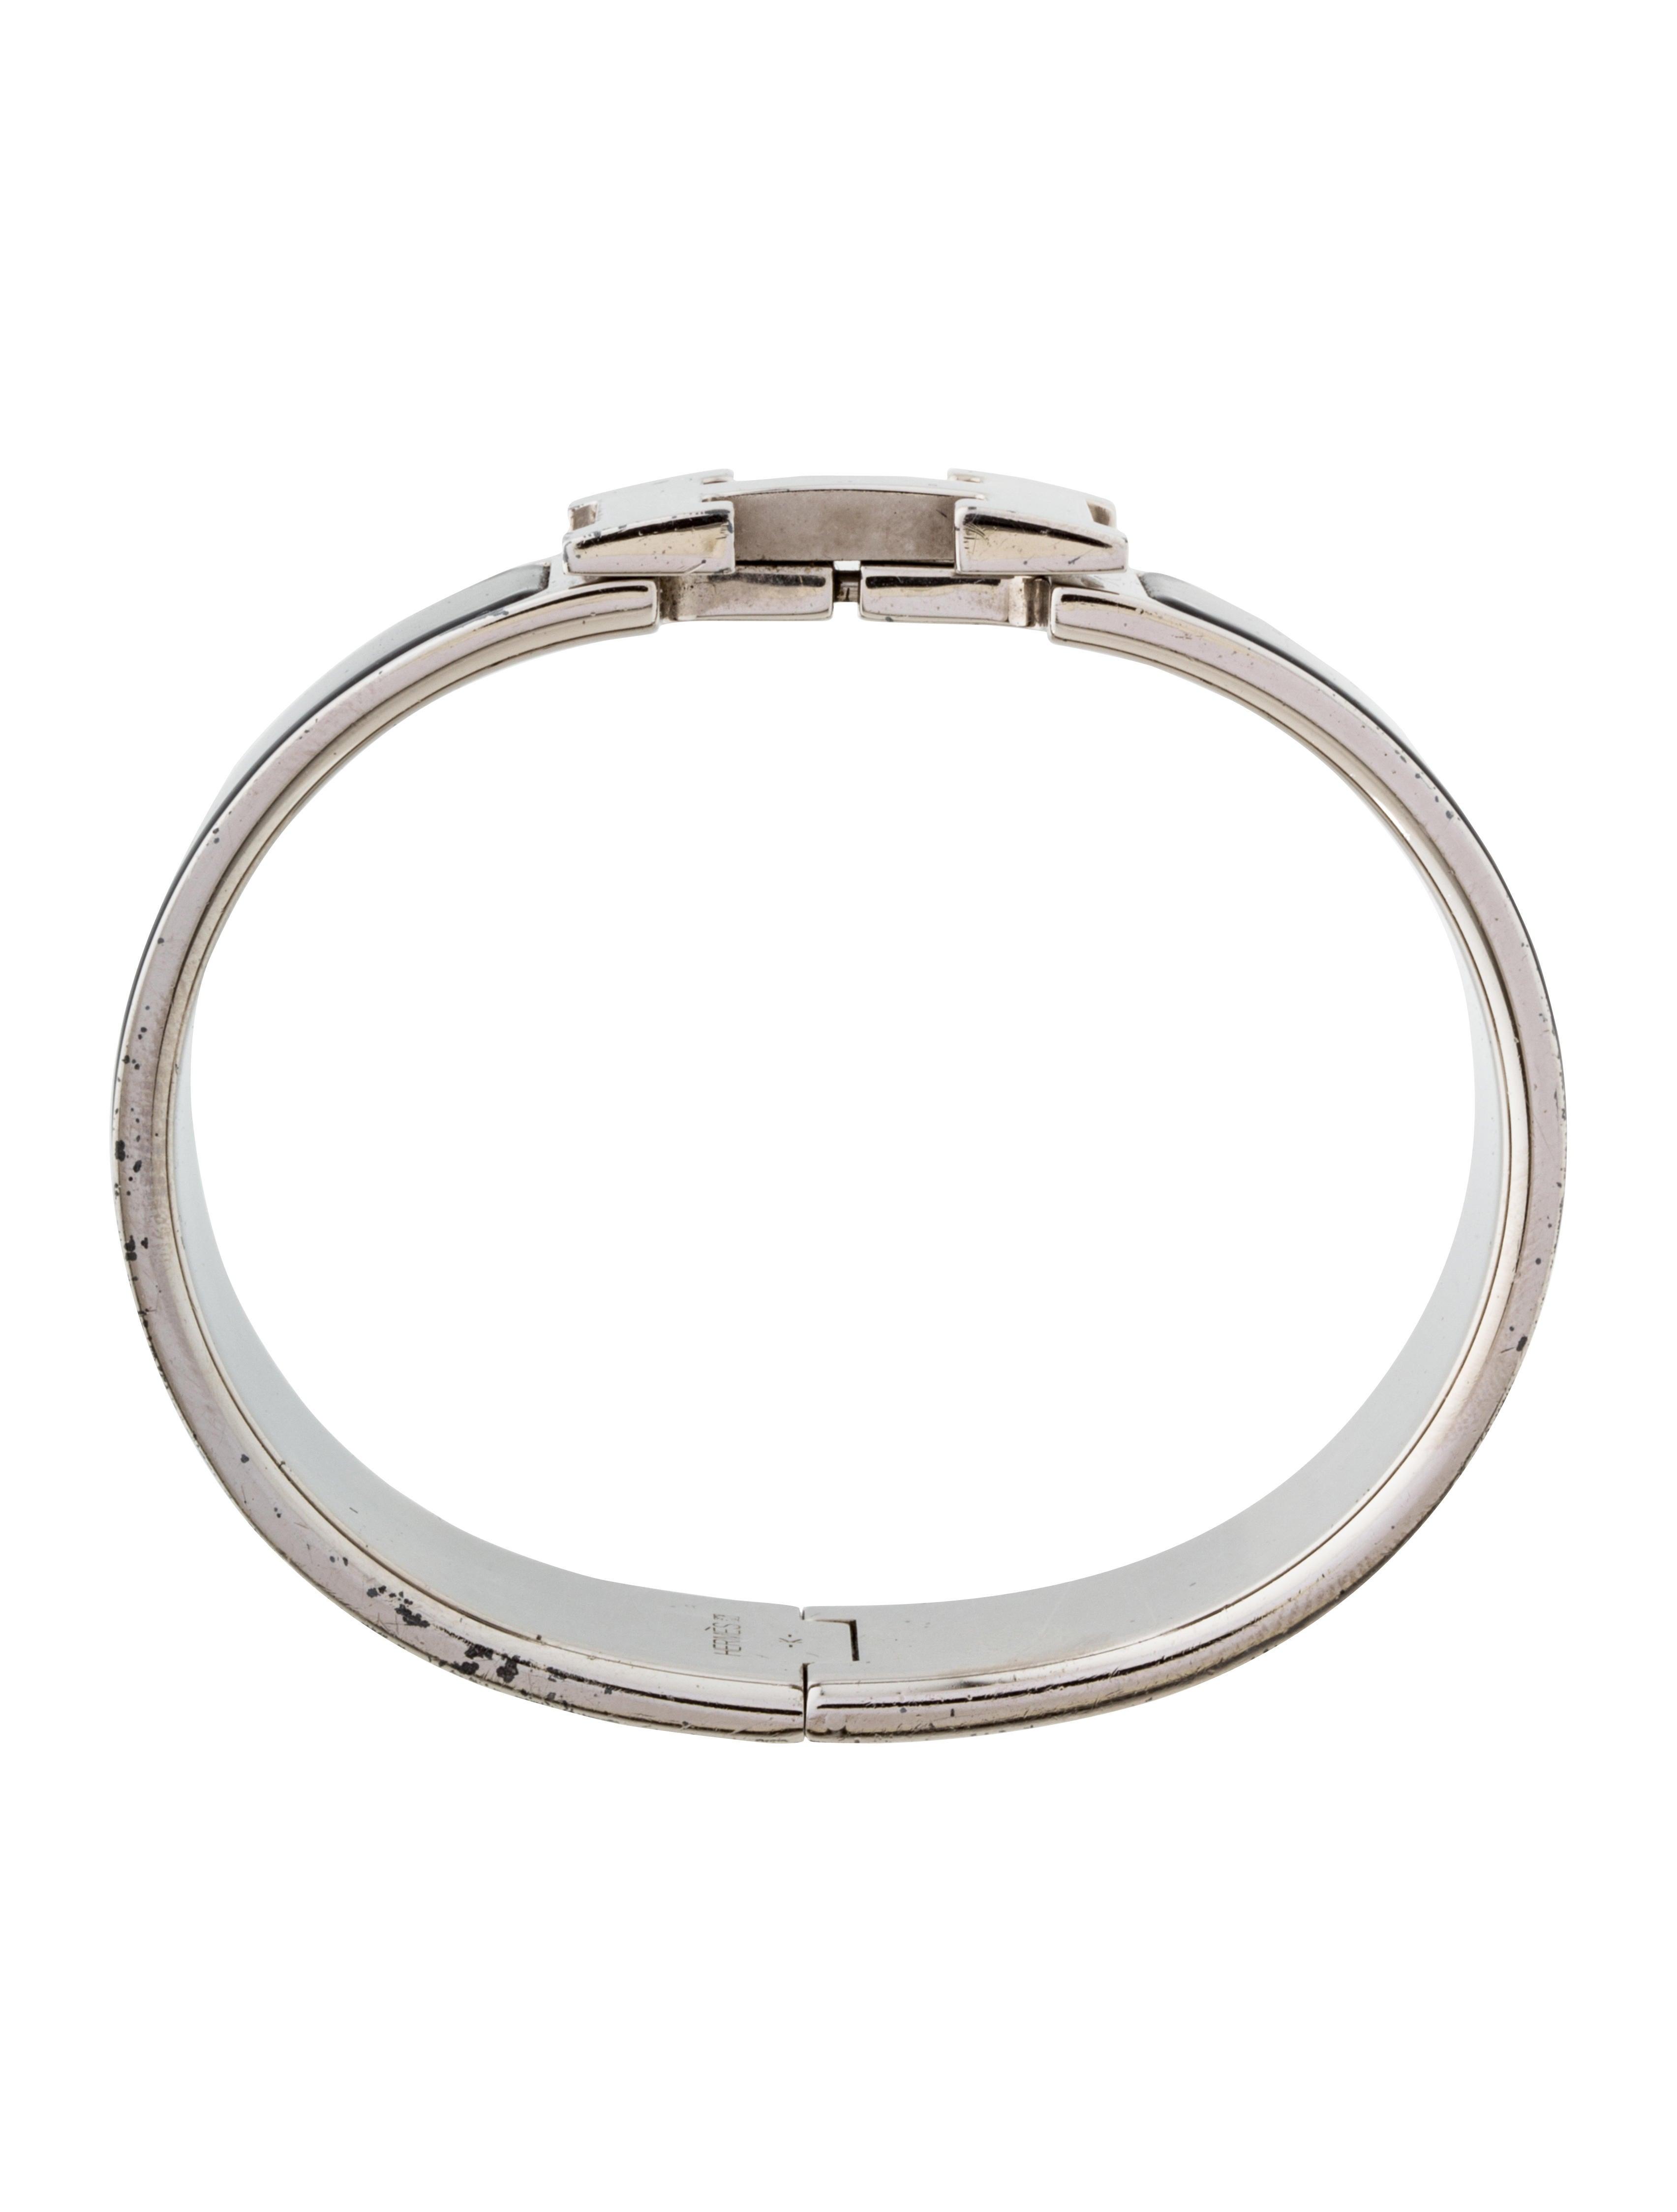 Herm 232 S Clic Clac H Bracelet Bracelets Her93933 The